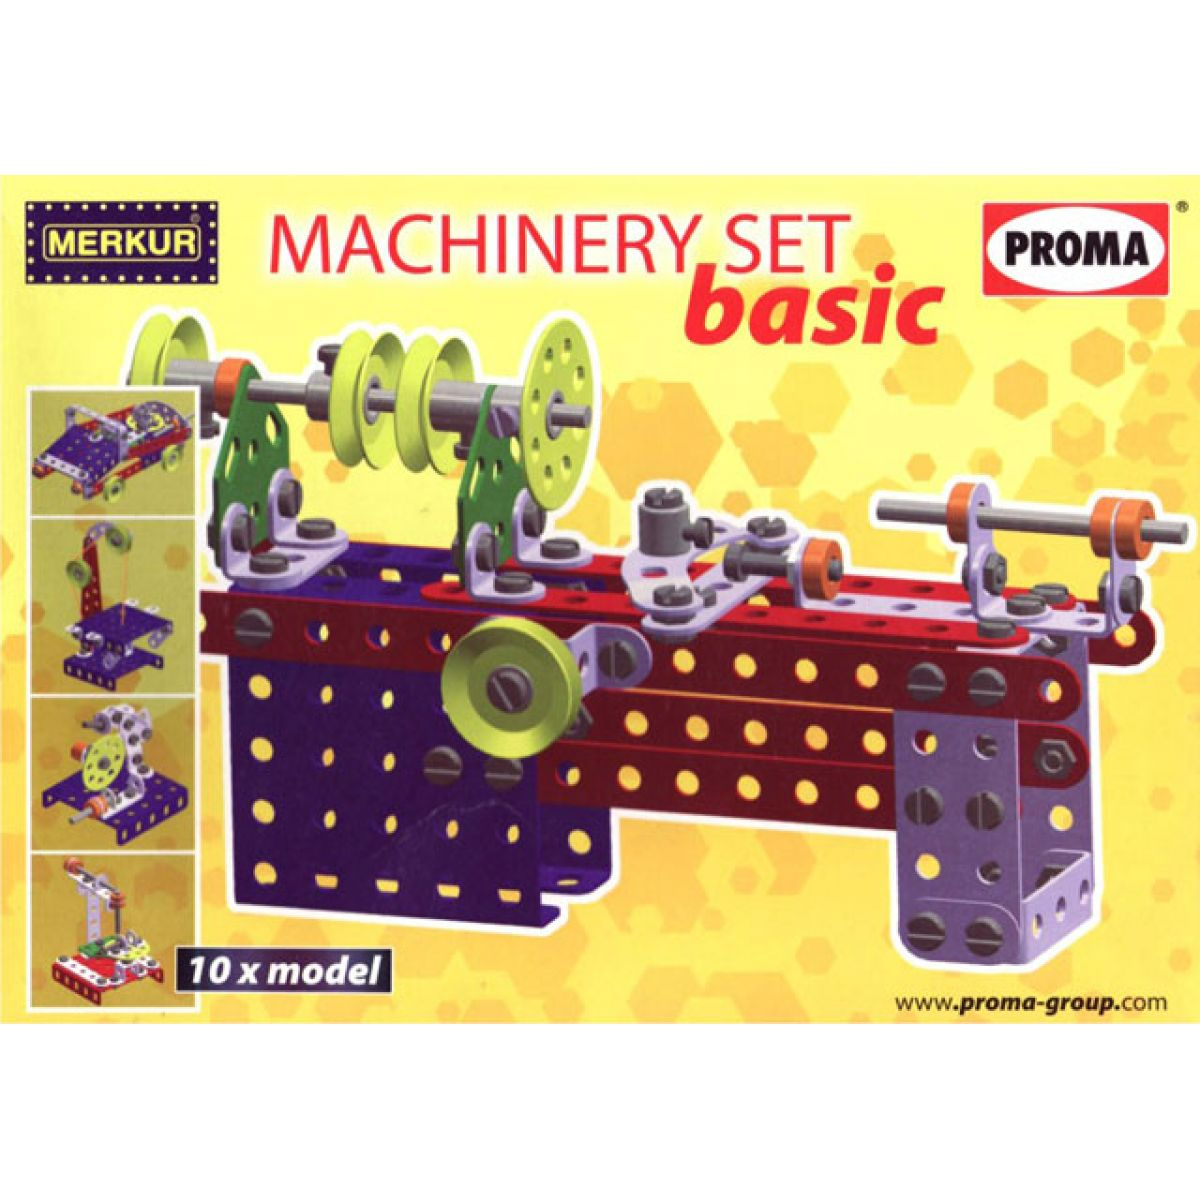 Merkur Machinery set Basic 10 modelů